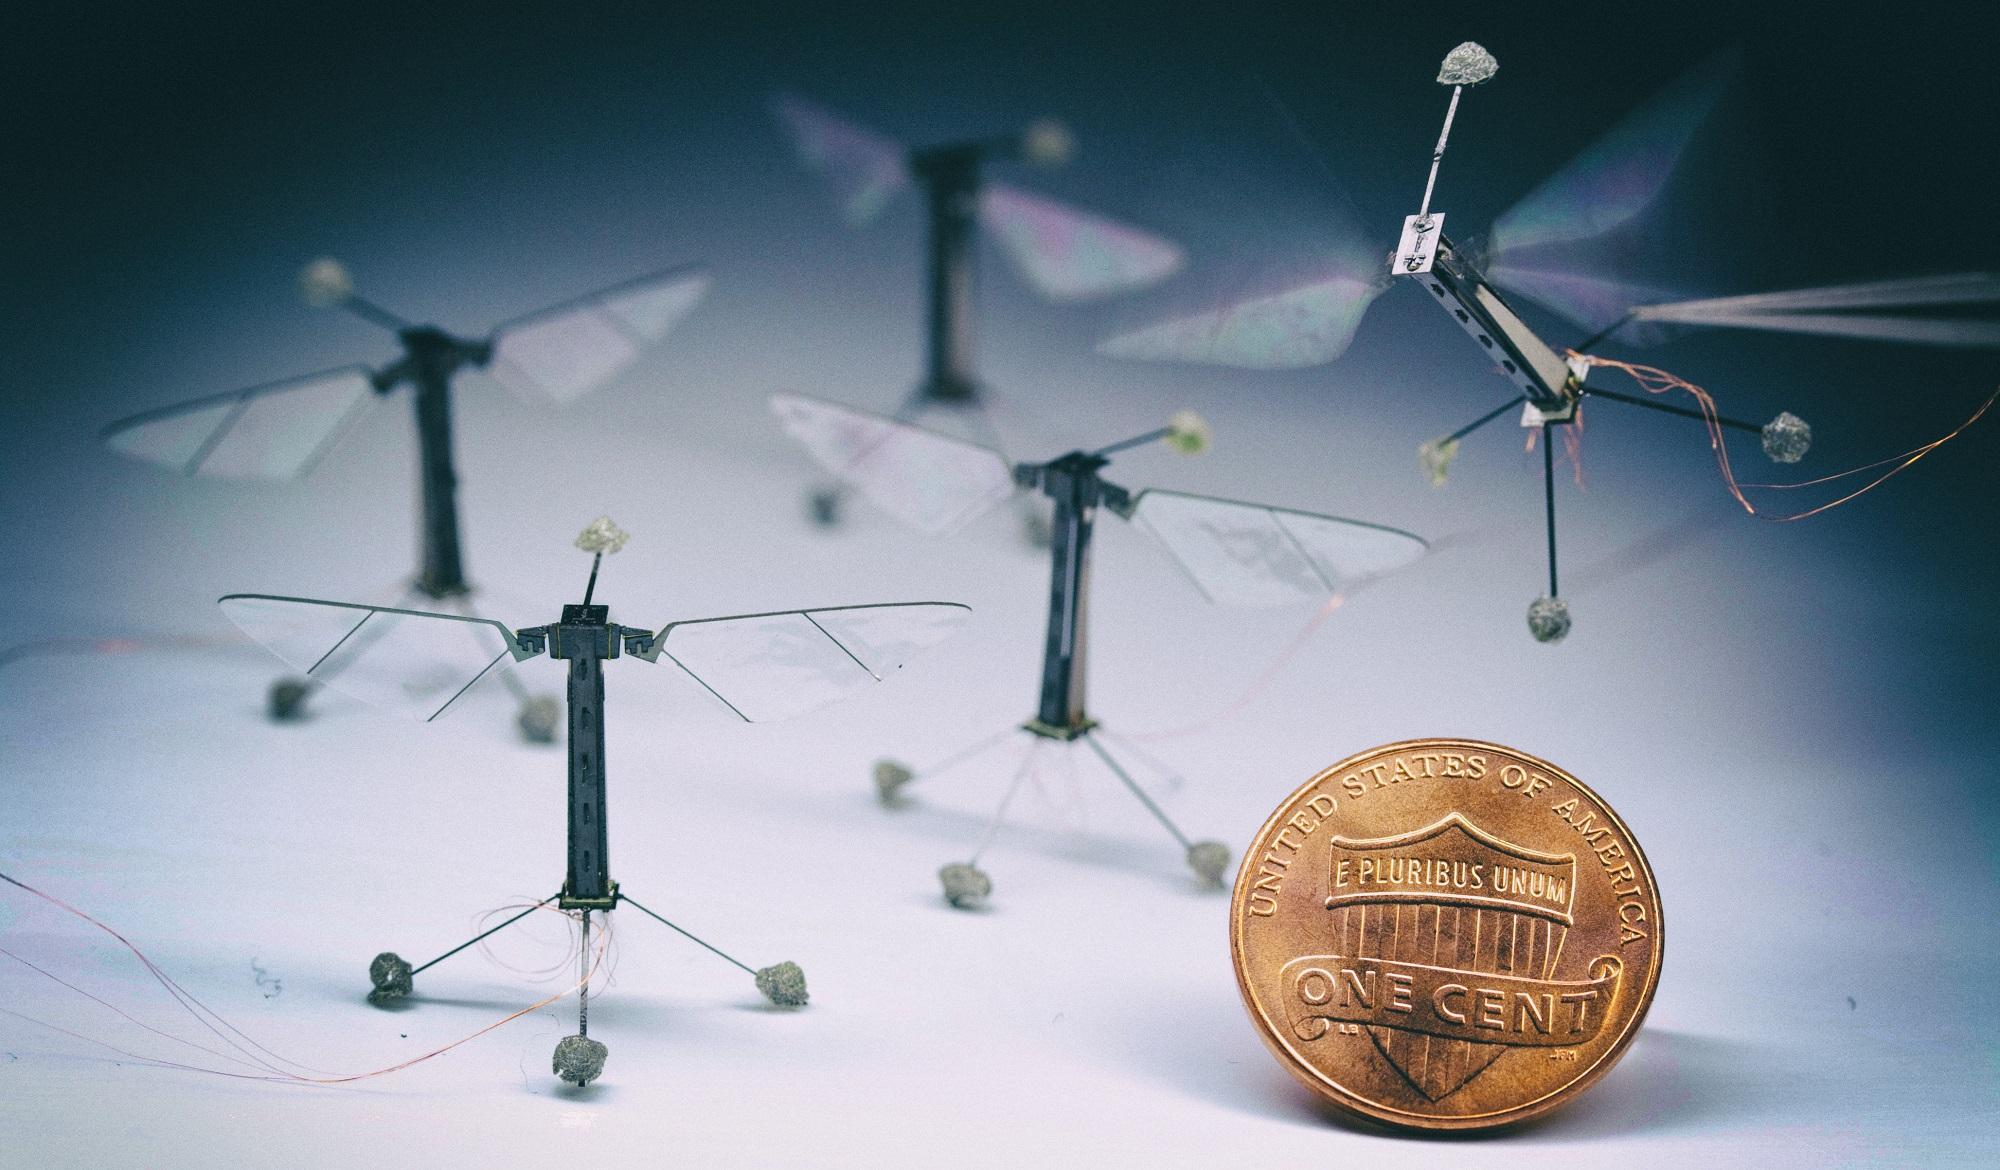 Миниатюрный робот-пчела летает, используя лишь энергию солнца